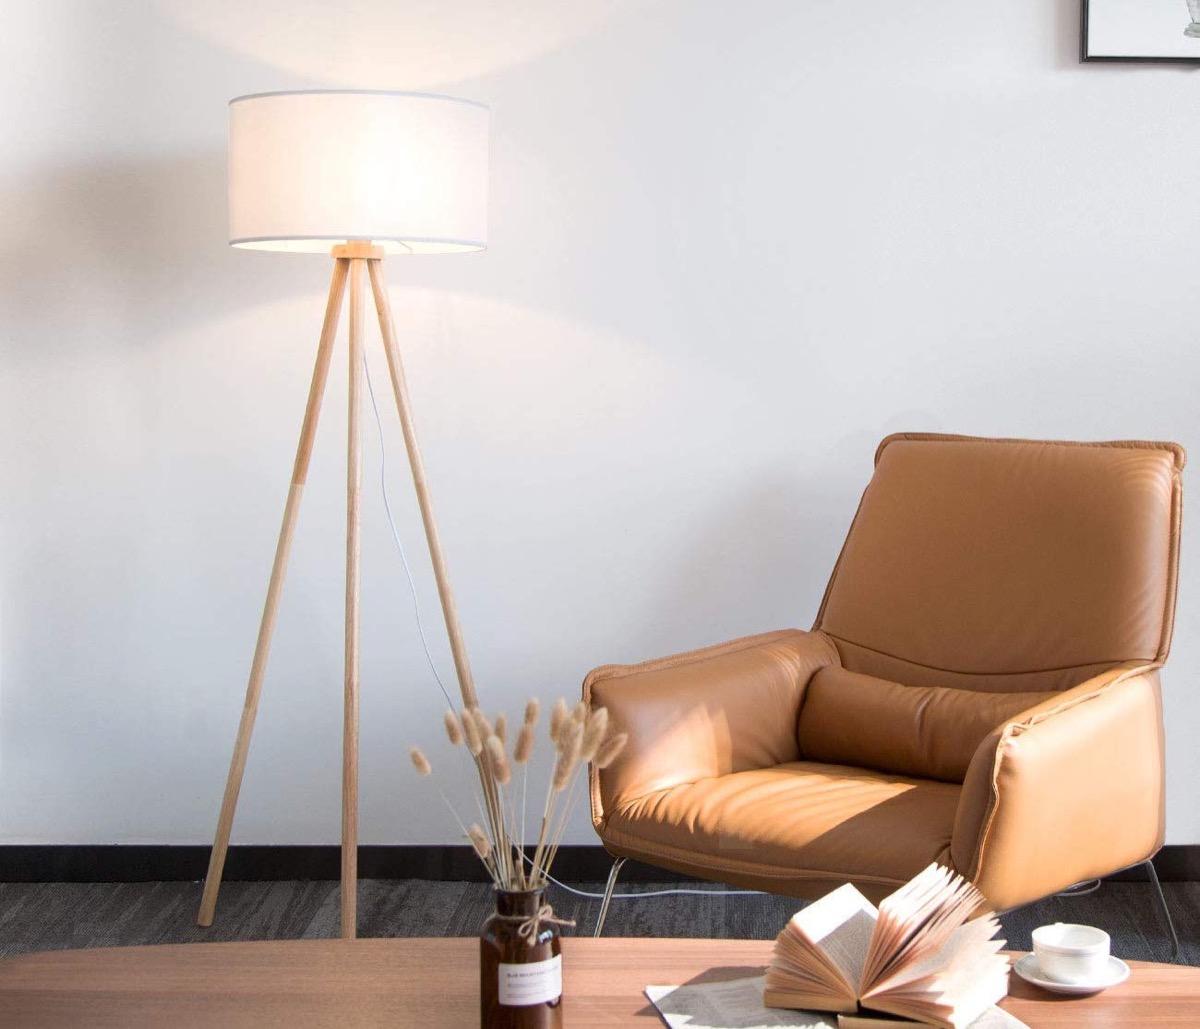 Lampade da comodino e pavimento con struttura in legno: sconti da 34,39 euro